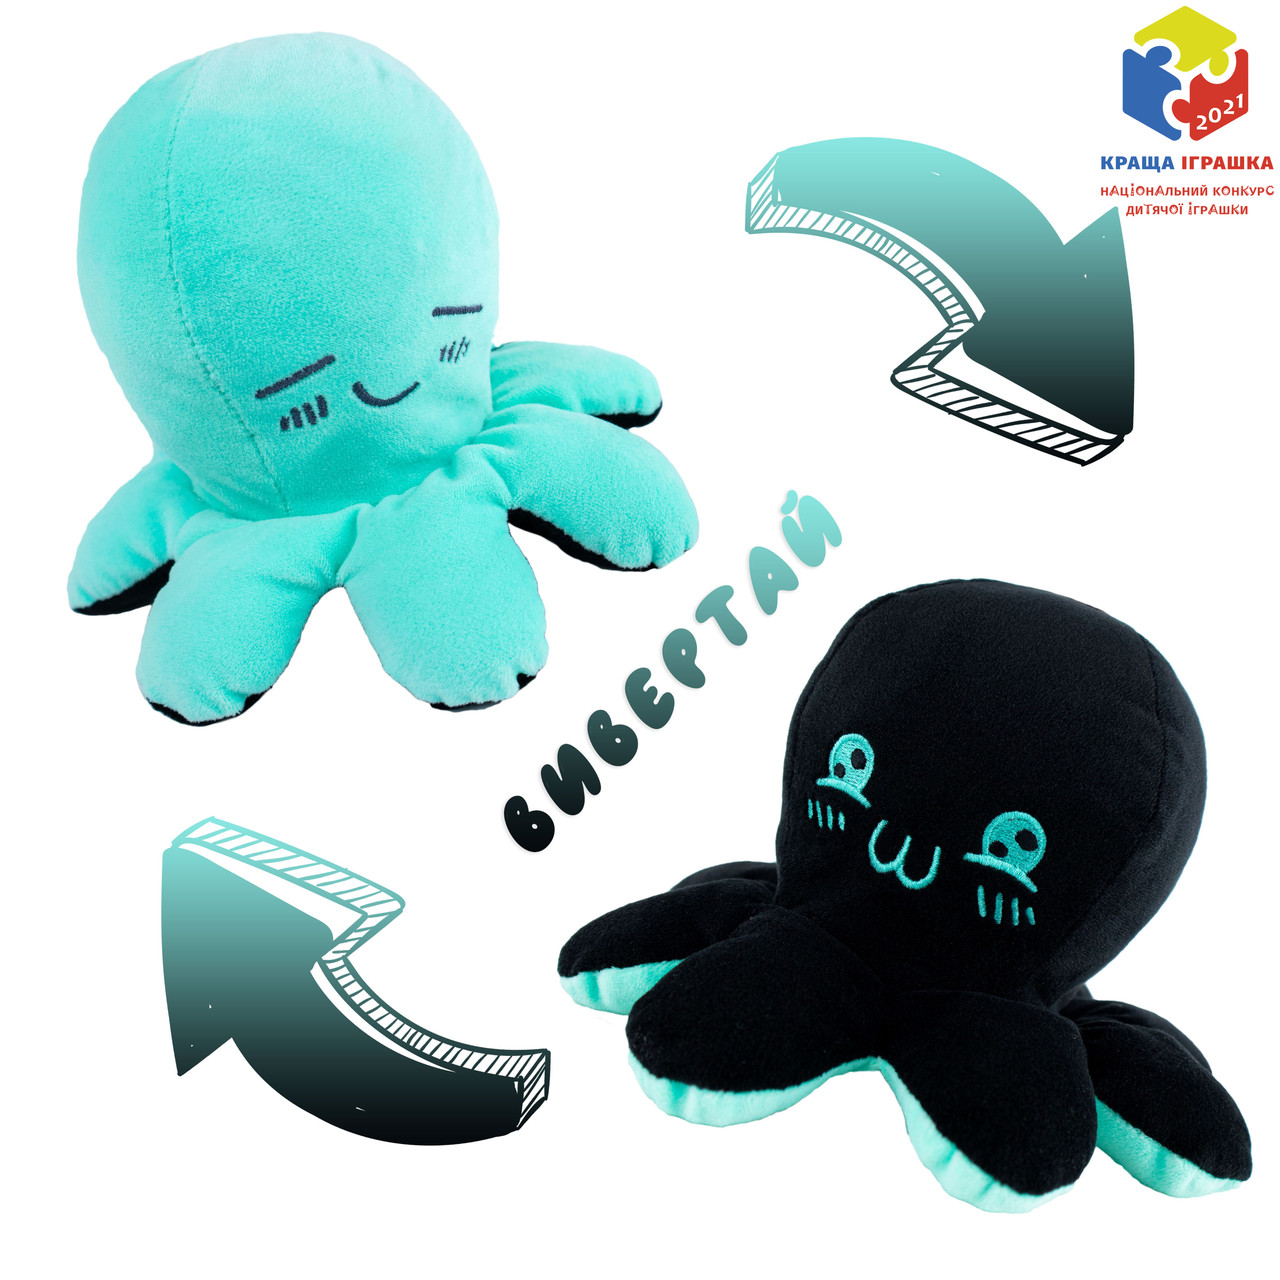 Мягкая игрушка Kidsqo Осьминог перевёртыш 11см чёрно-мятный (652)